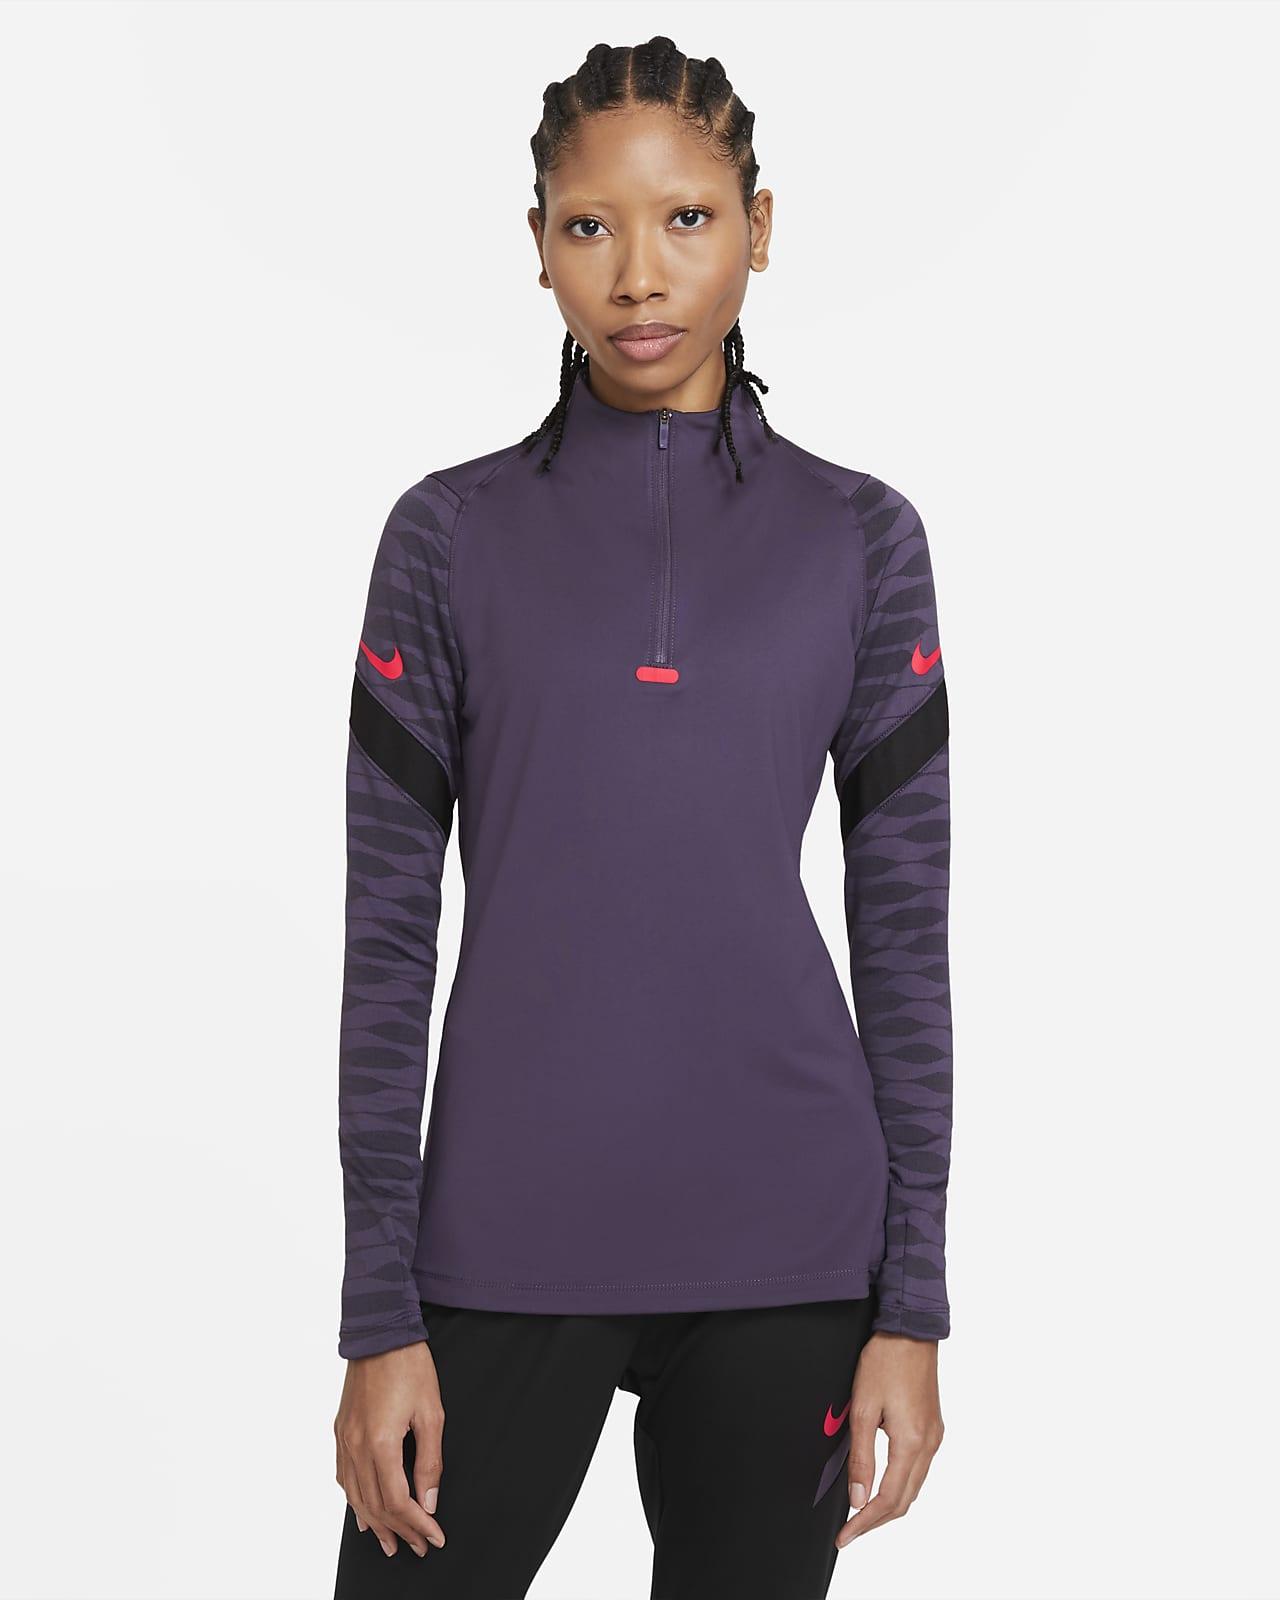 Nike Dri-FIT Strike rövid cipzáras női futball-melegítőfelső